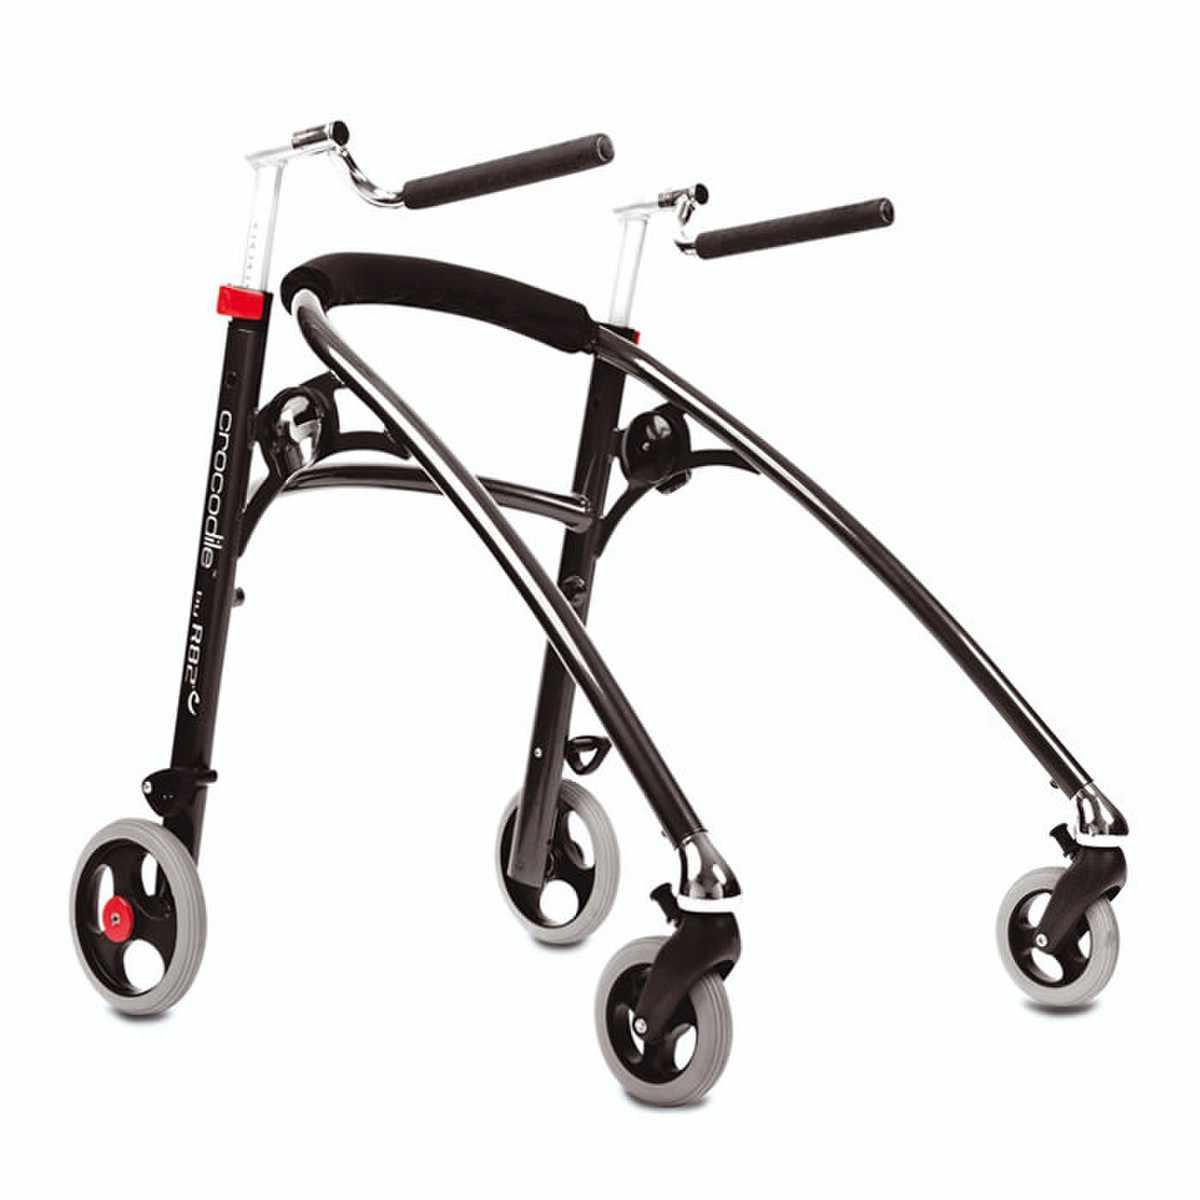 R82 gait trainer